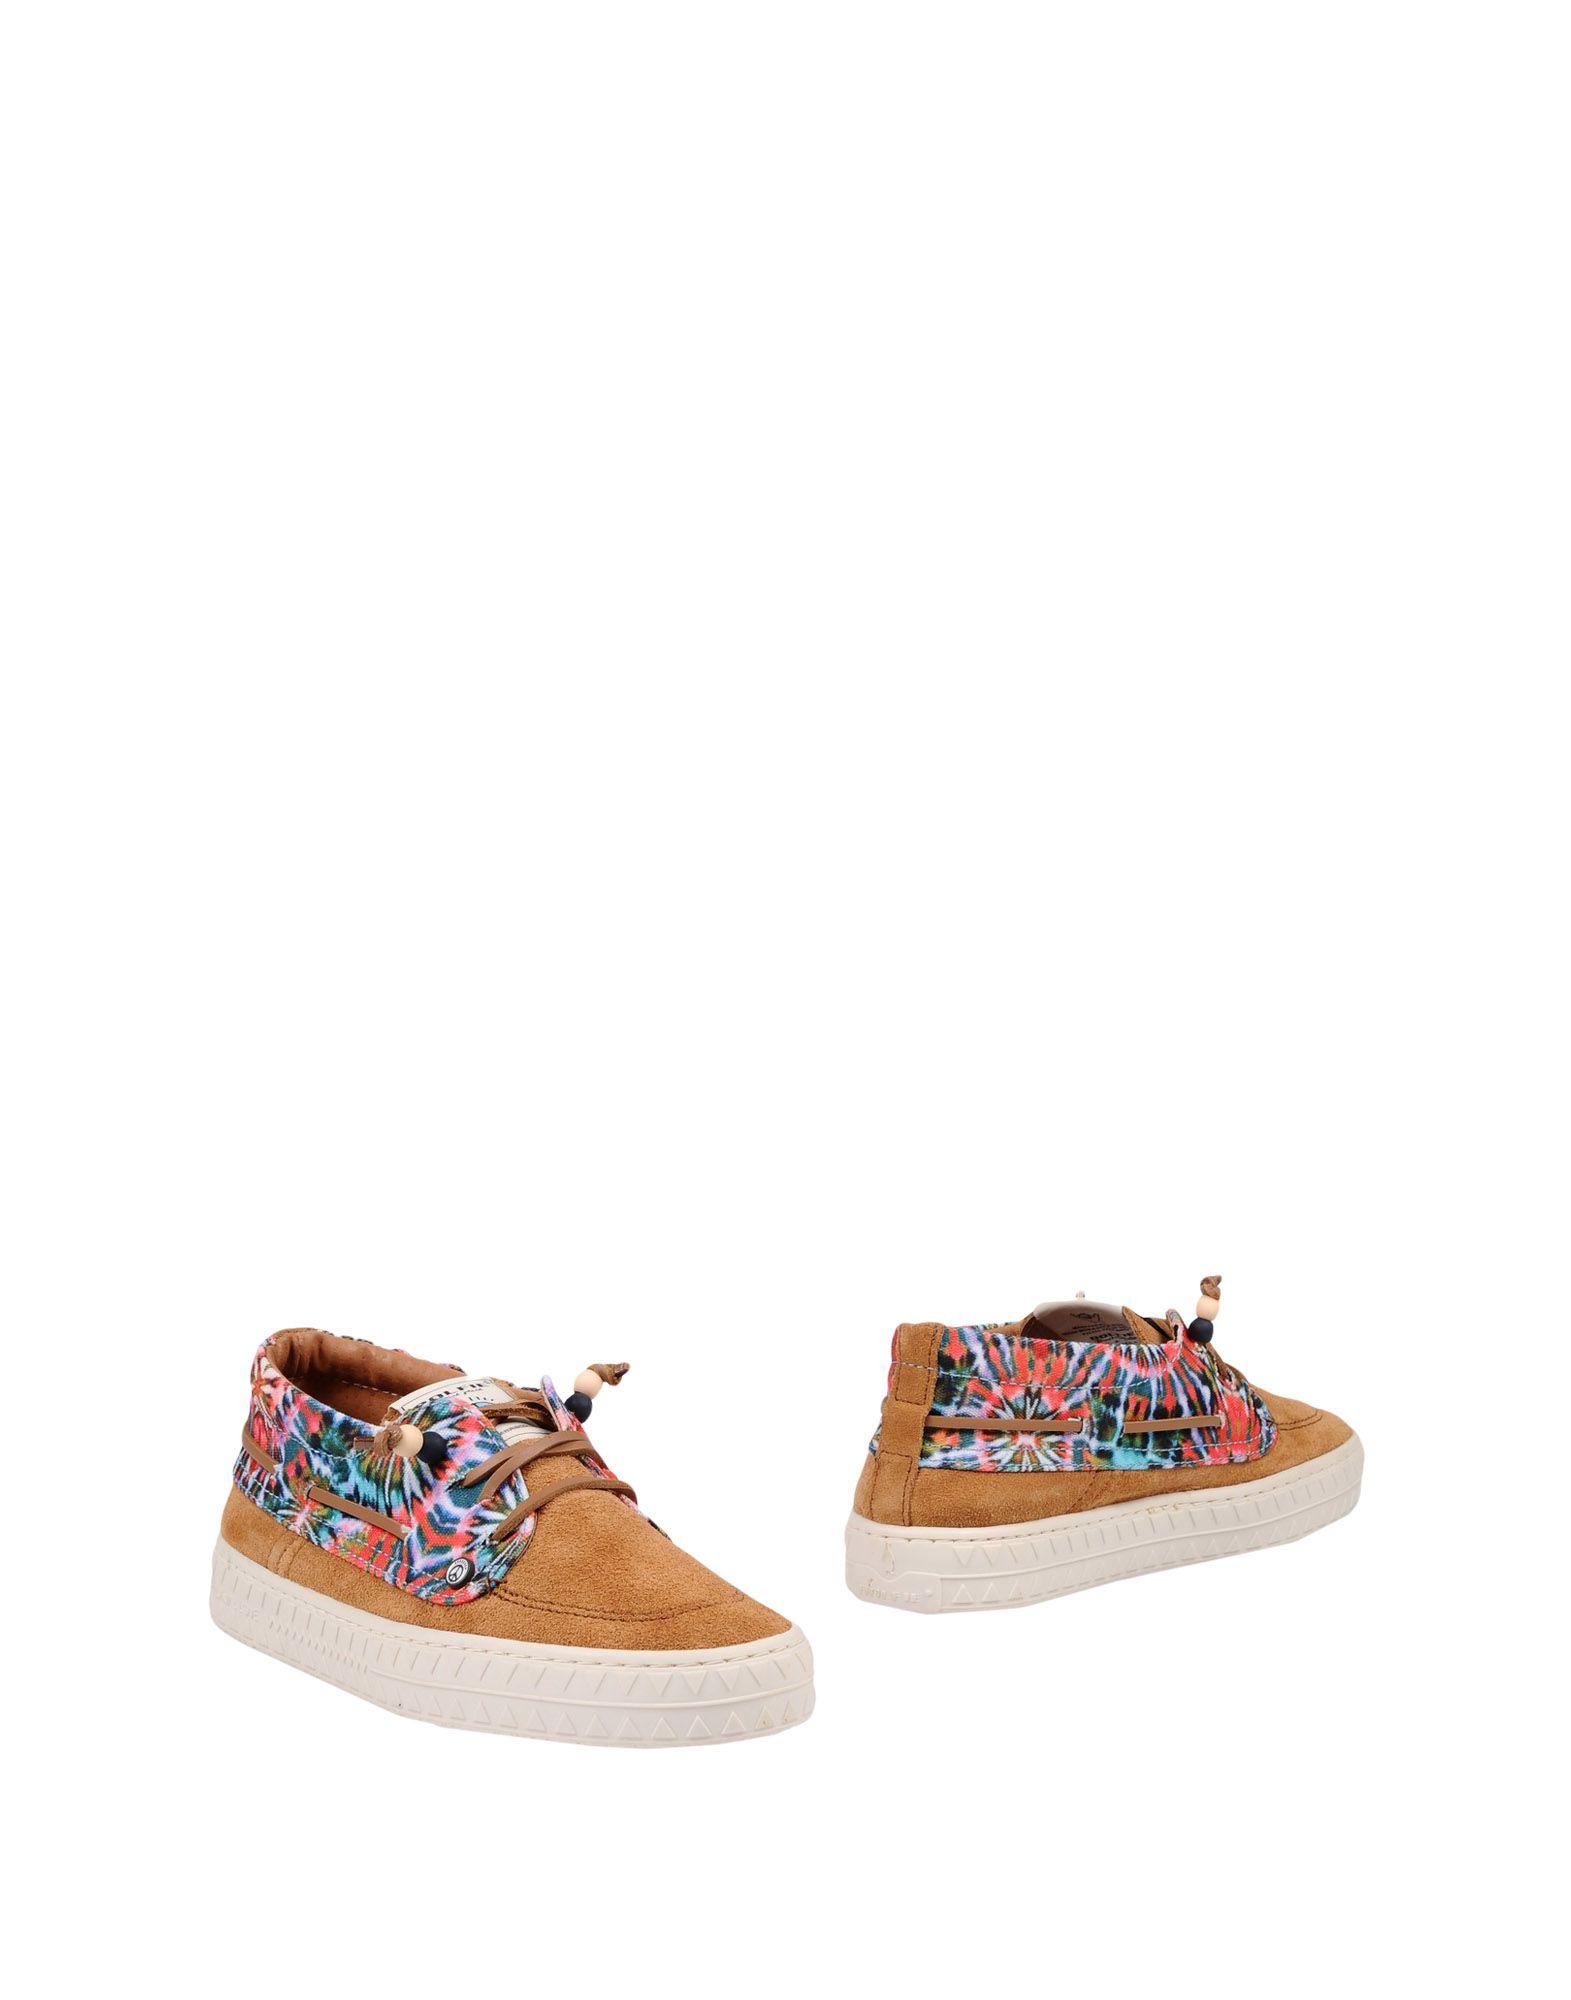 Dolfie Stiefelette Damen  11410716WS Gute Qualität beliebte Schuhe